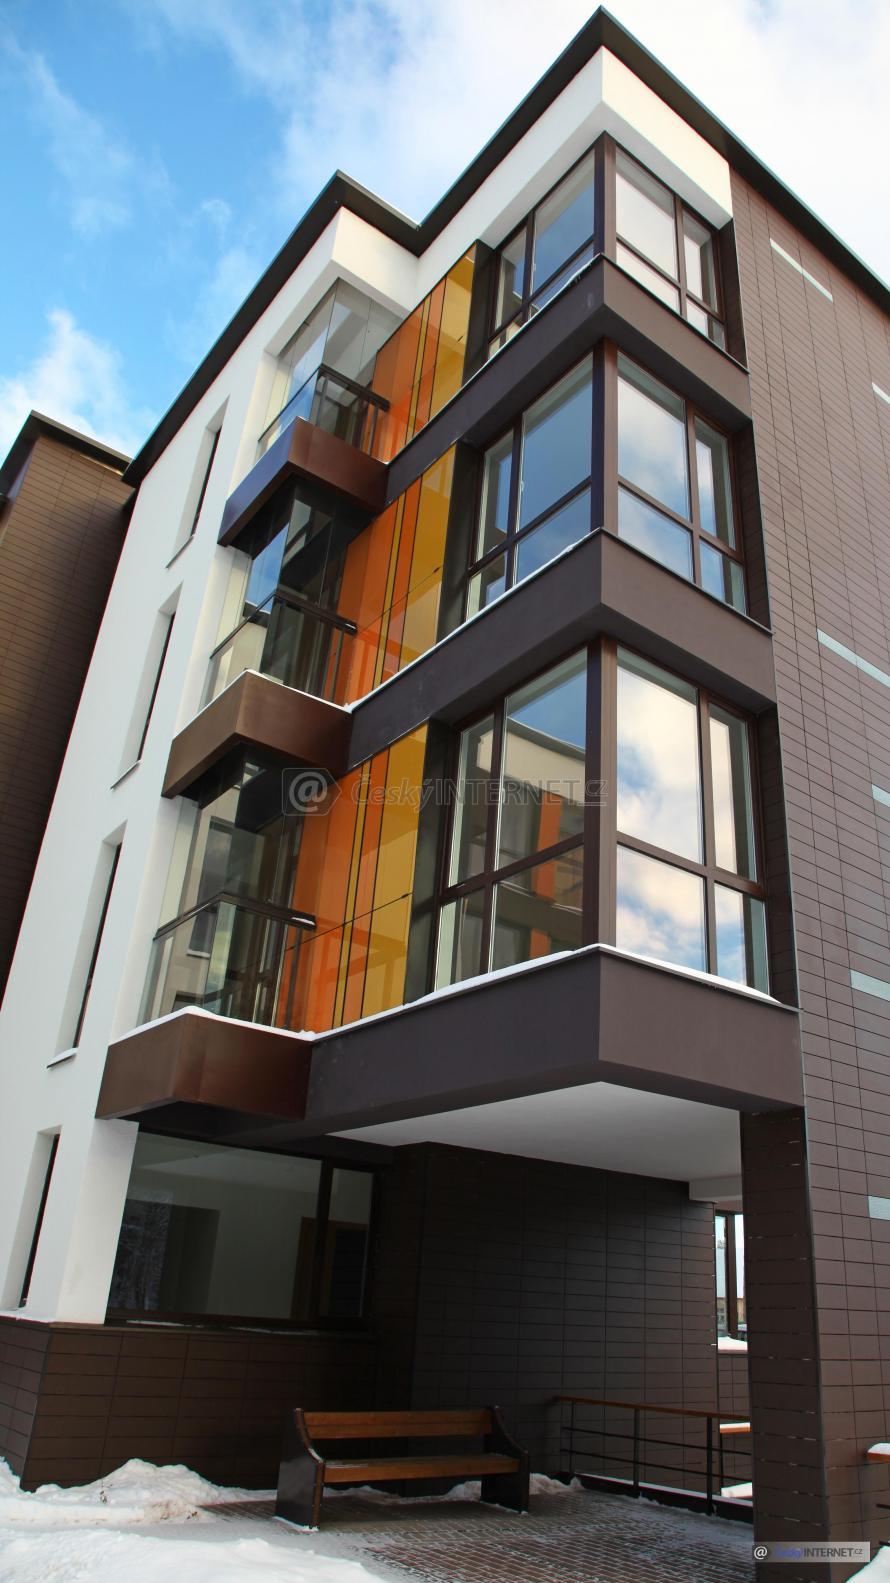 Moderní bytový dům, zima.